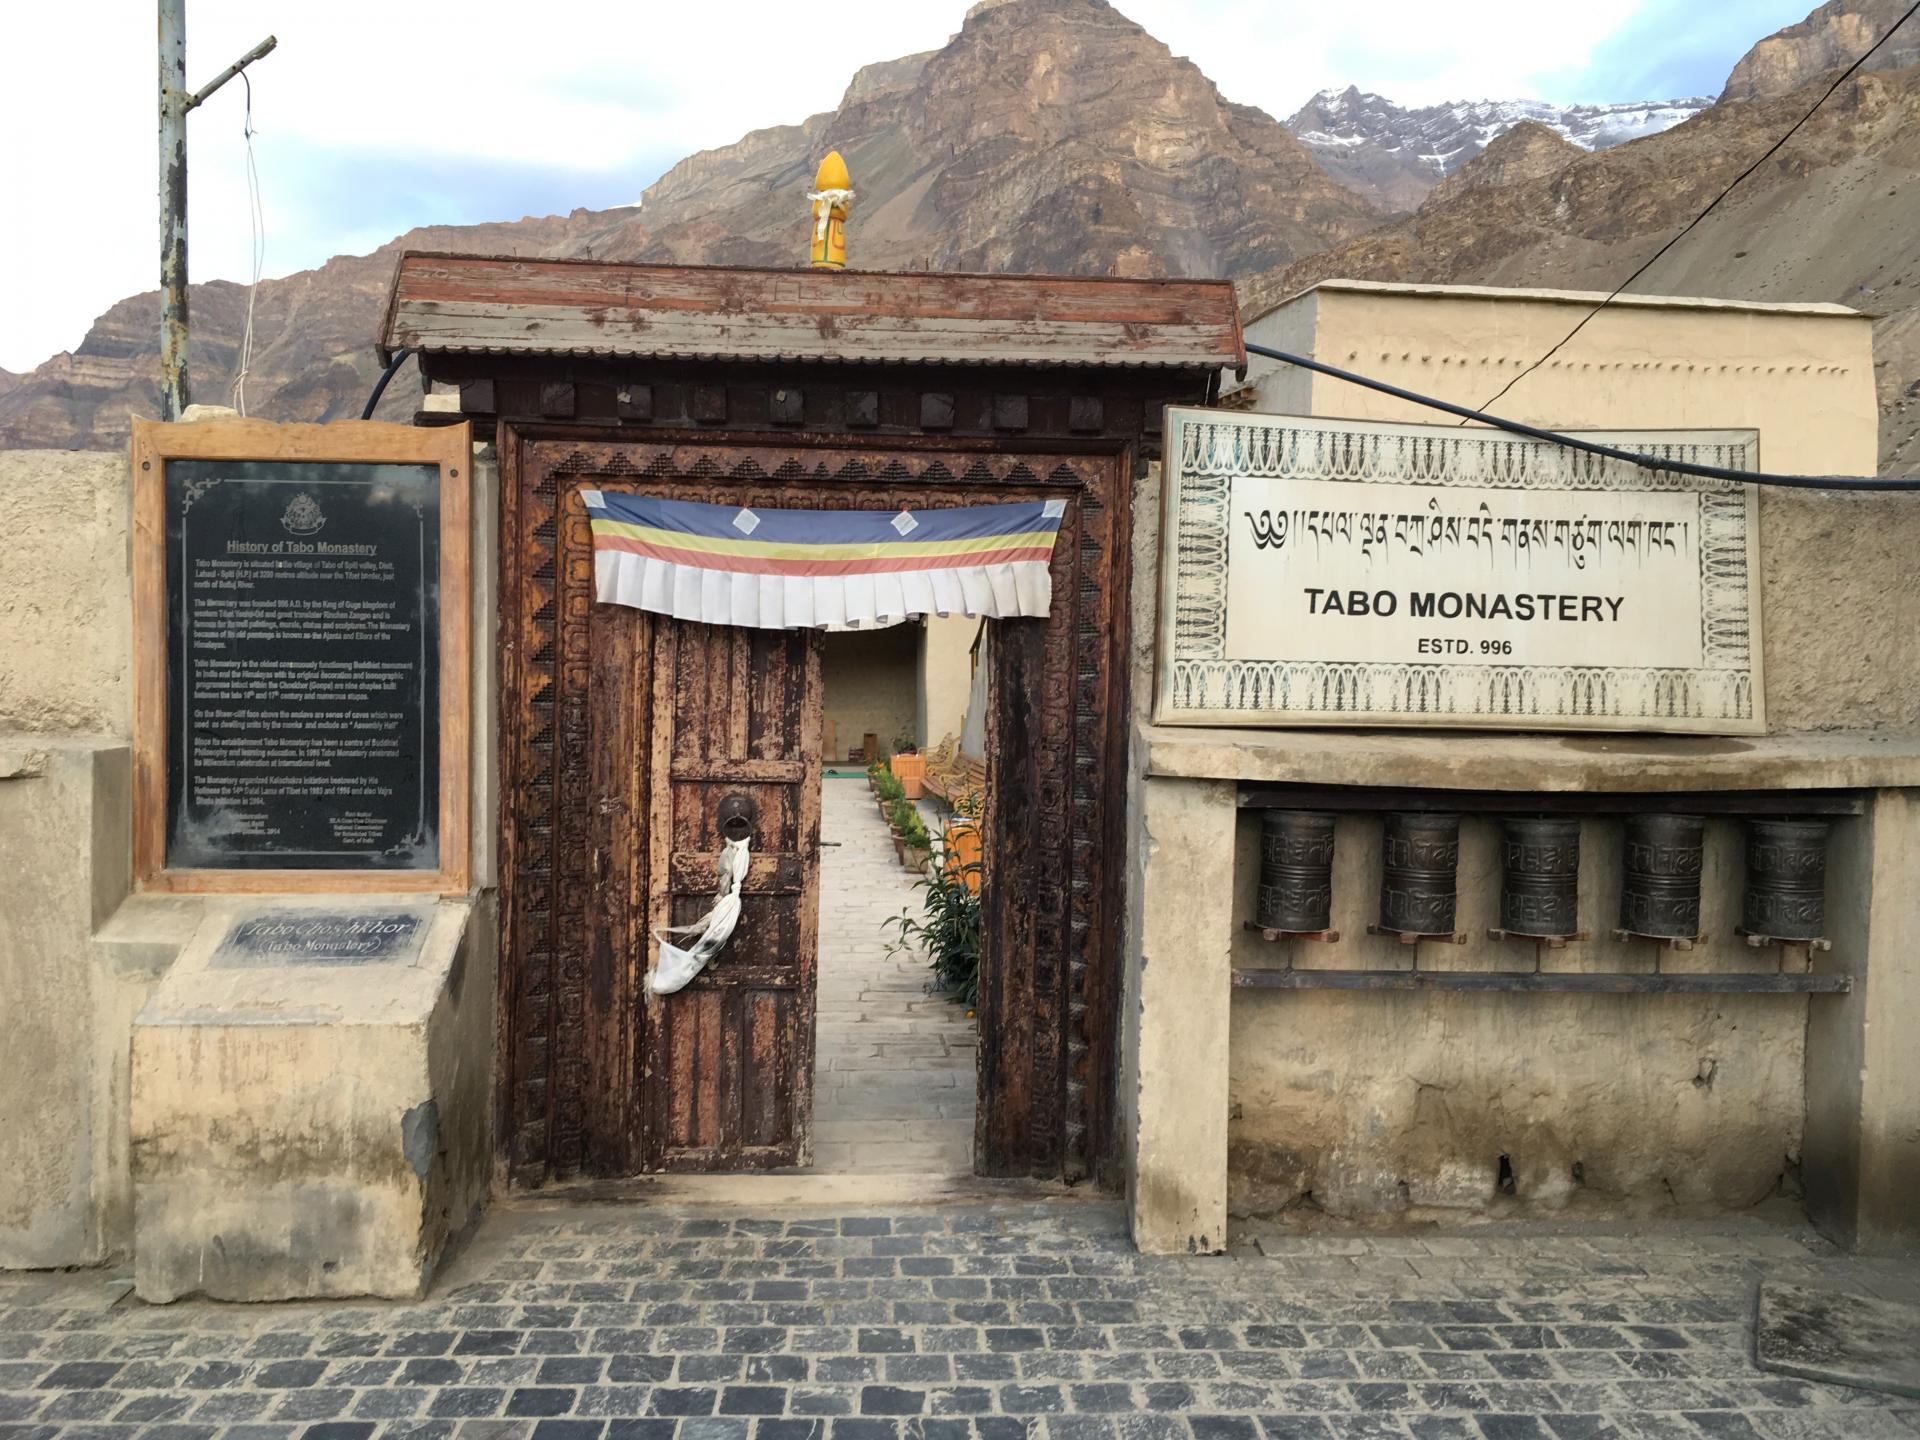 Tabo Monastary Entrance